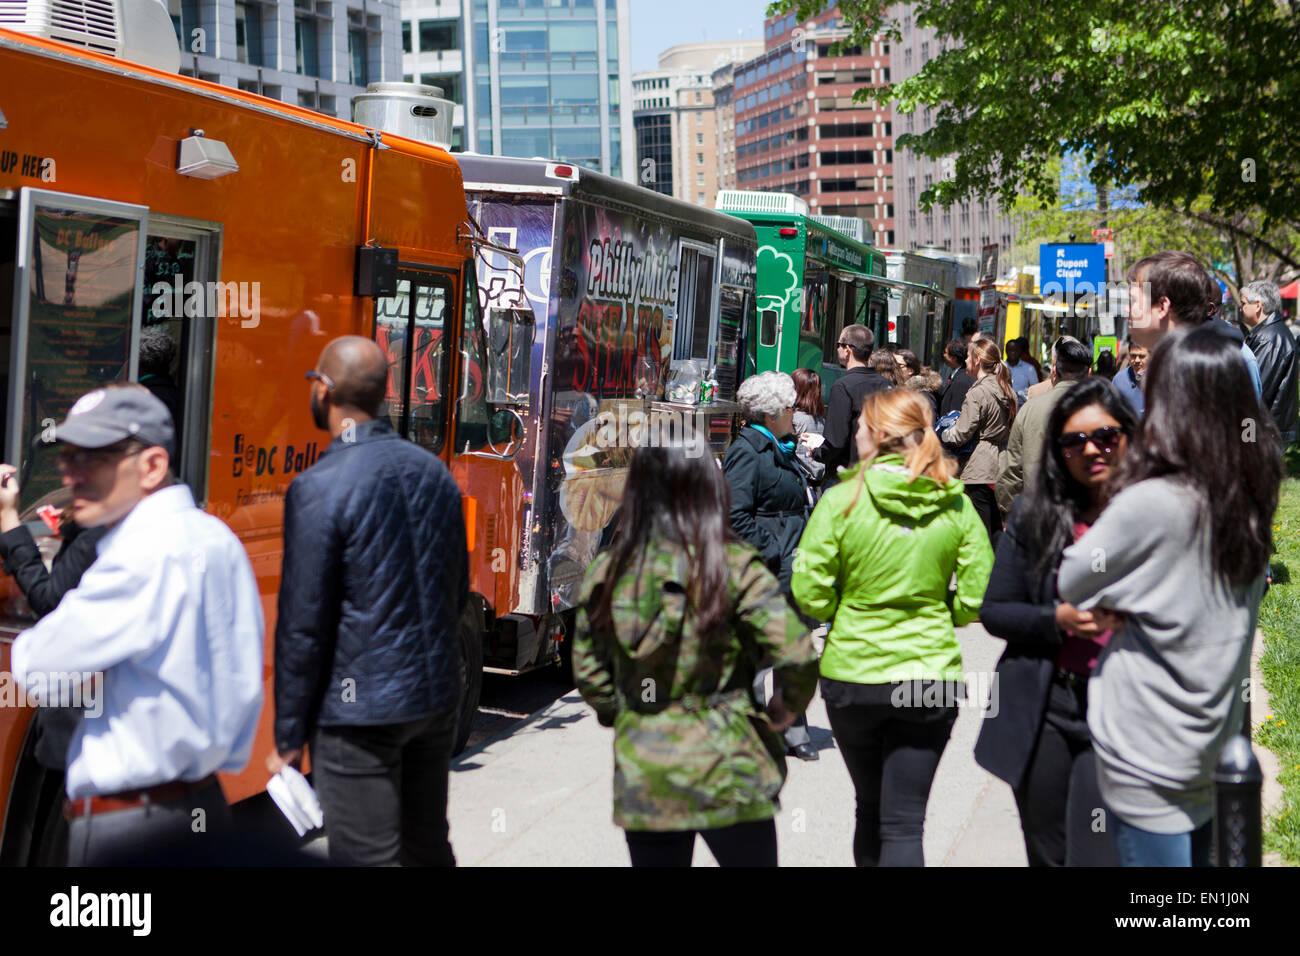 Línea de camiones de alimentos en una calle urbana - Washington, DC, EE.UU. Imagen De Stock